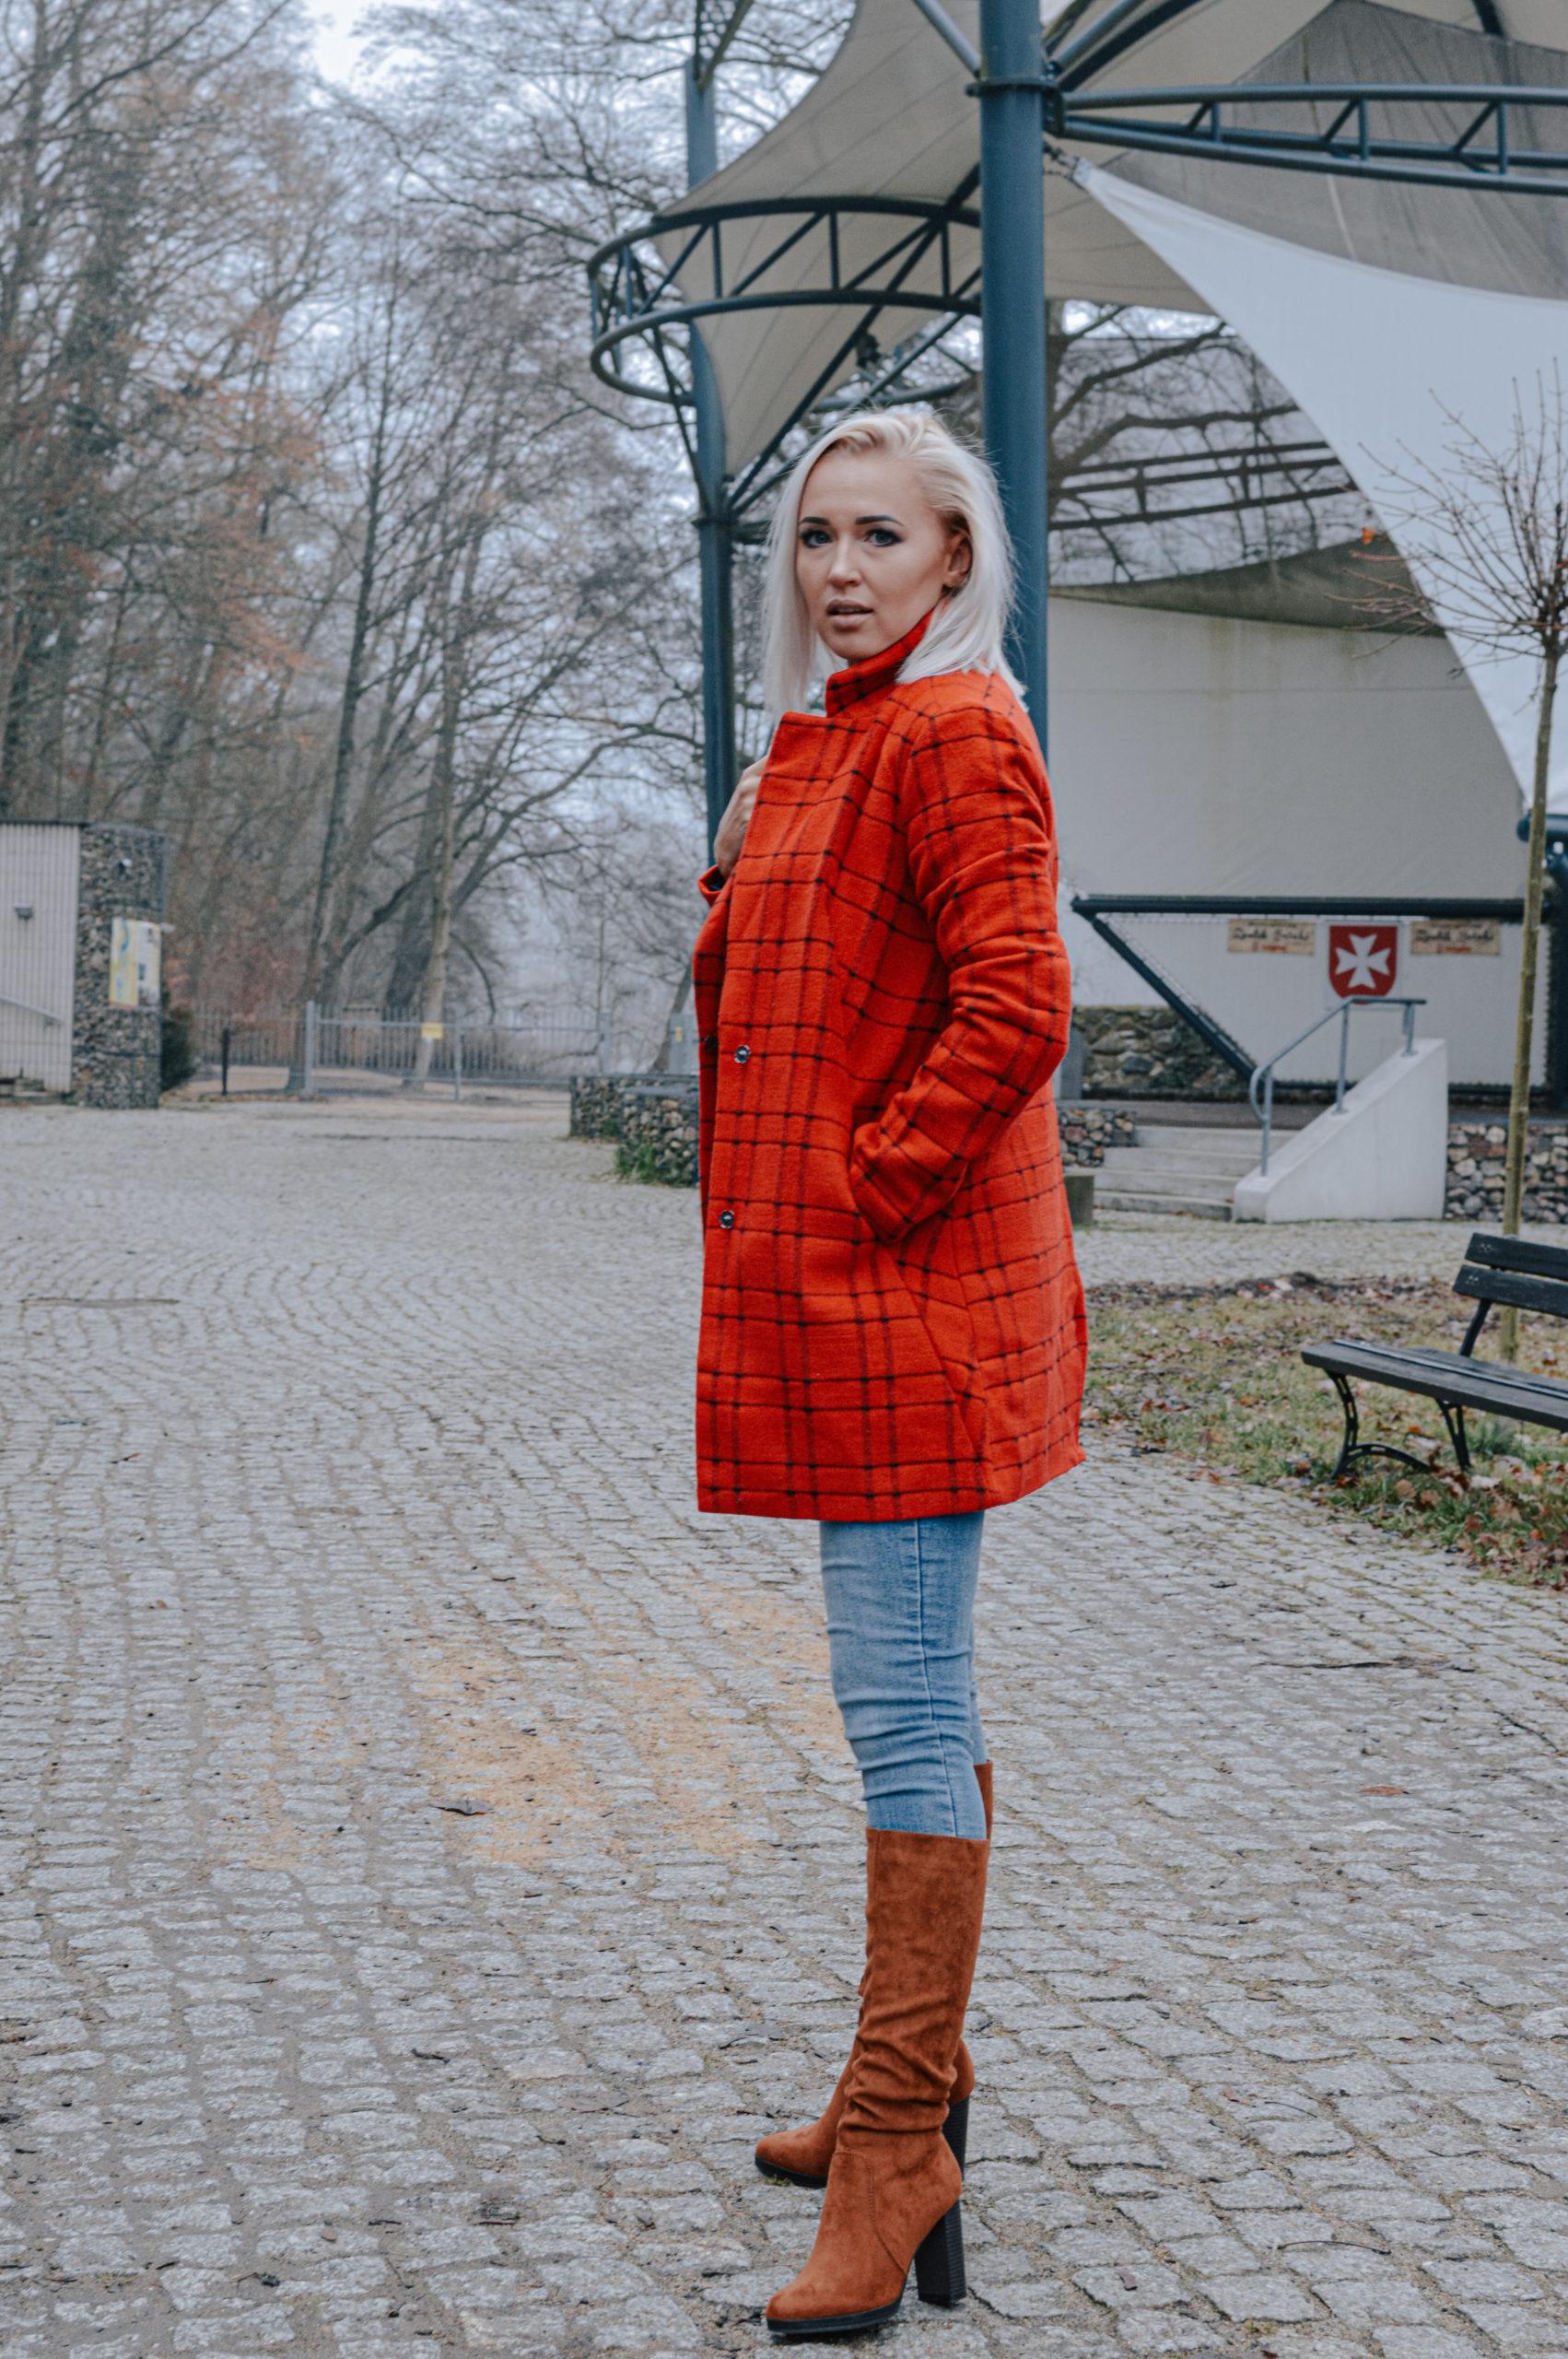 czerwony płaszcz wkratę